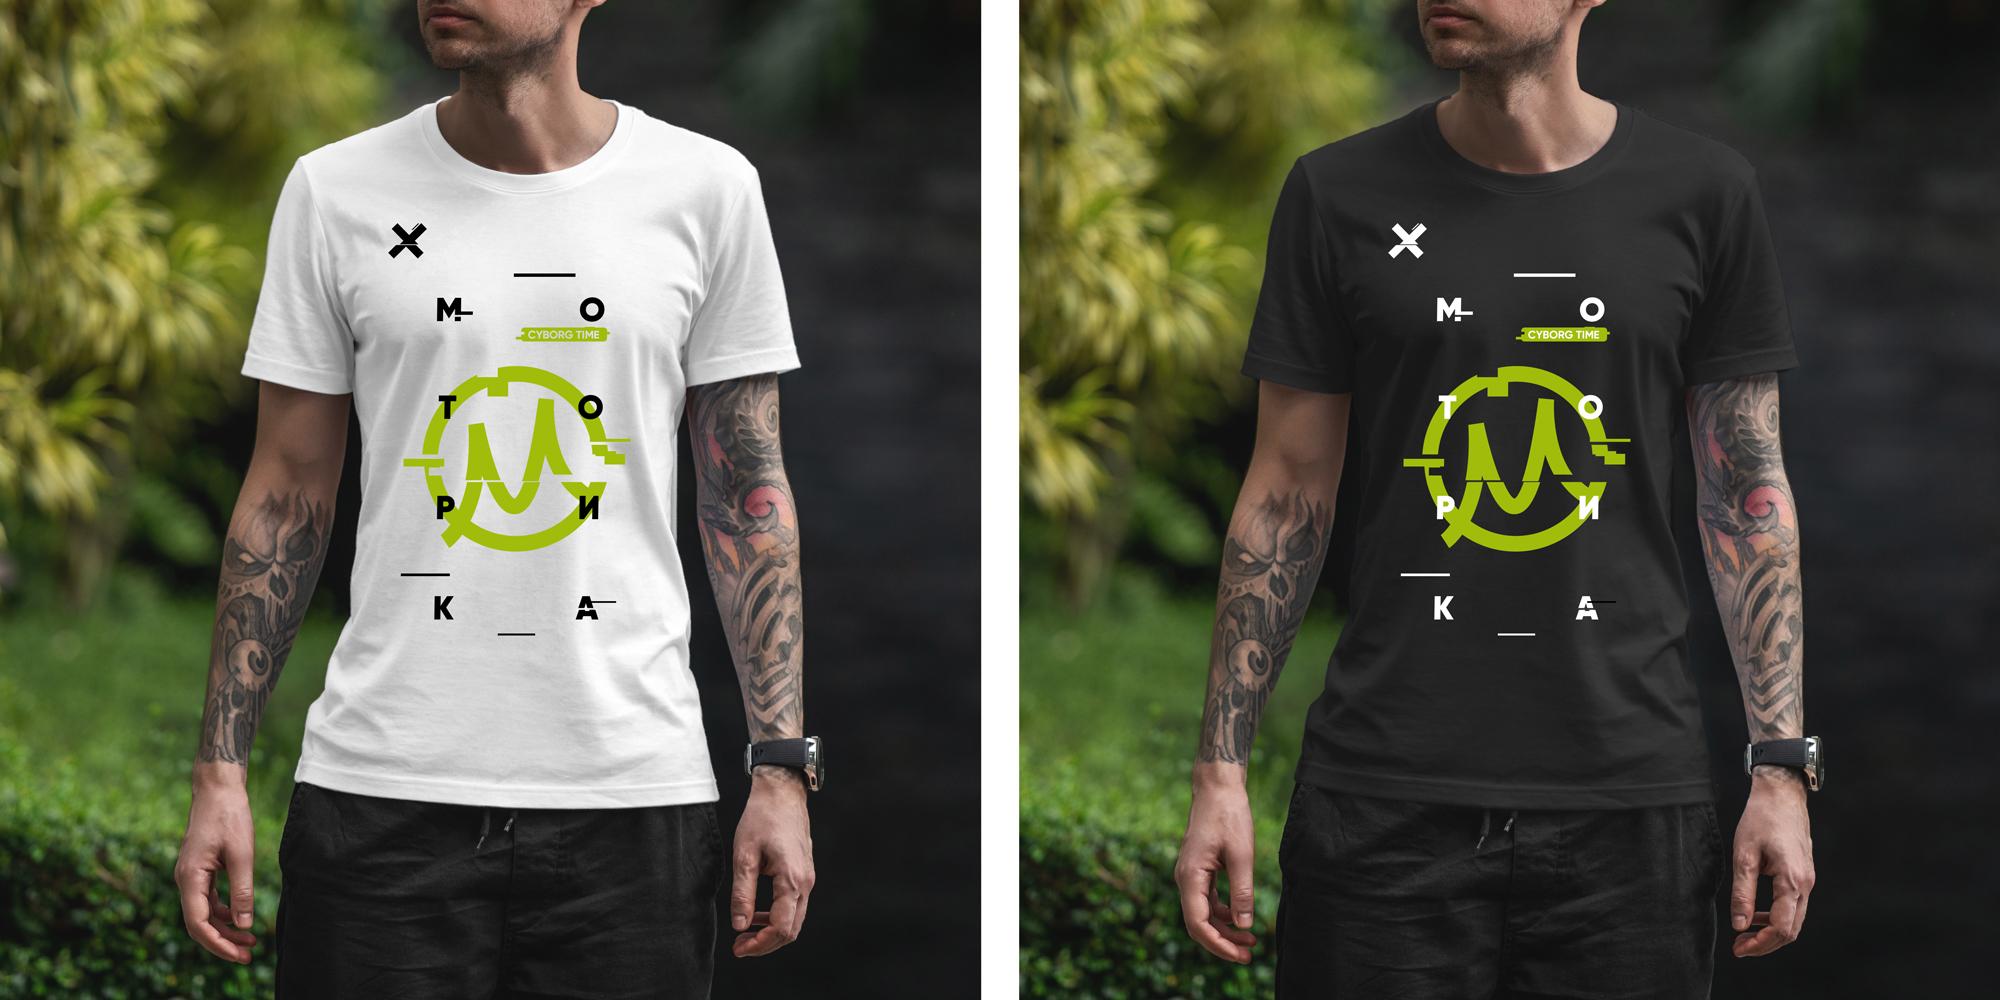 Нарисовать принты на футболки для компании Моторика фото f_84960a1467ca417c.jpg